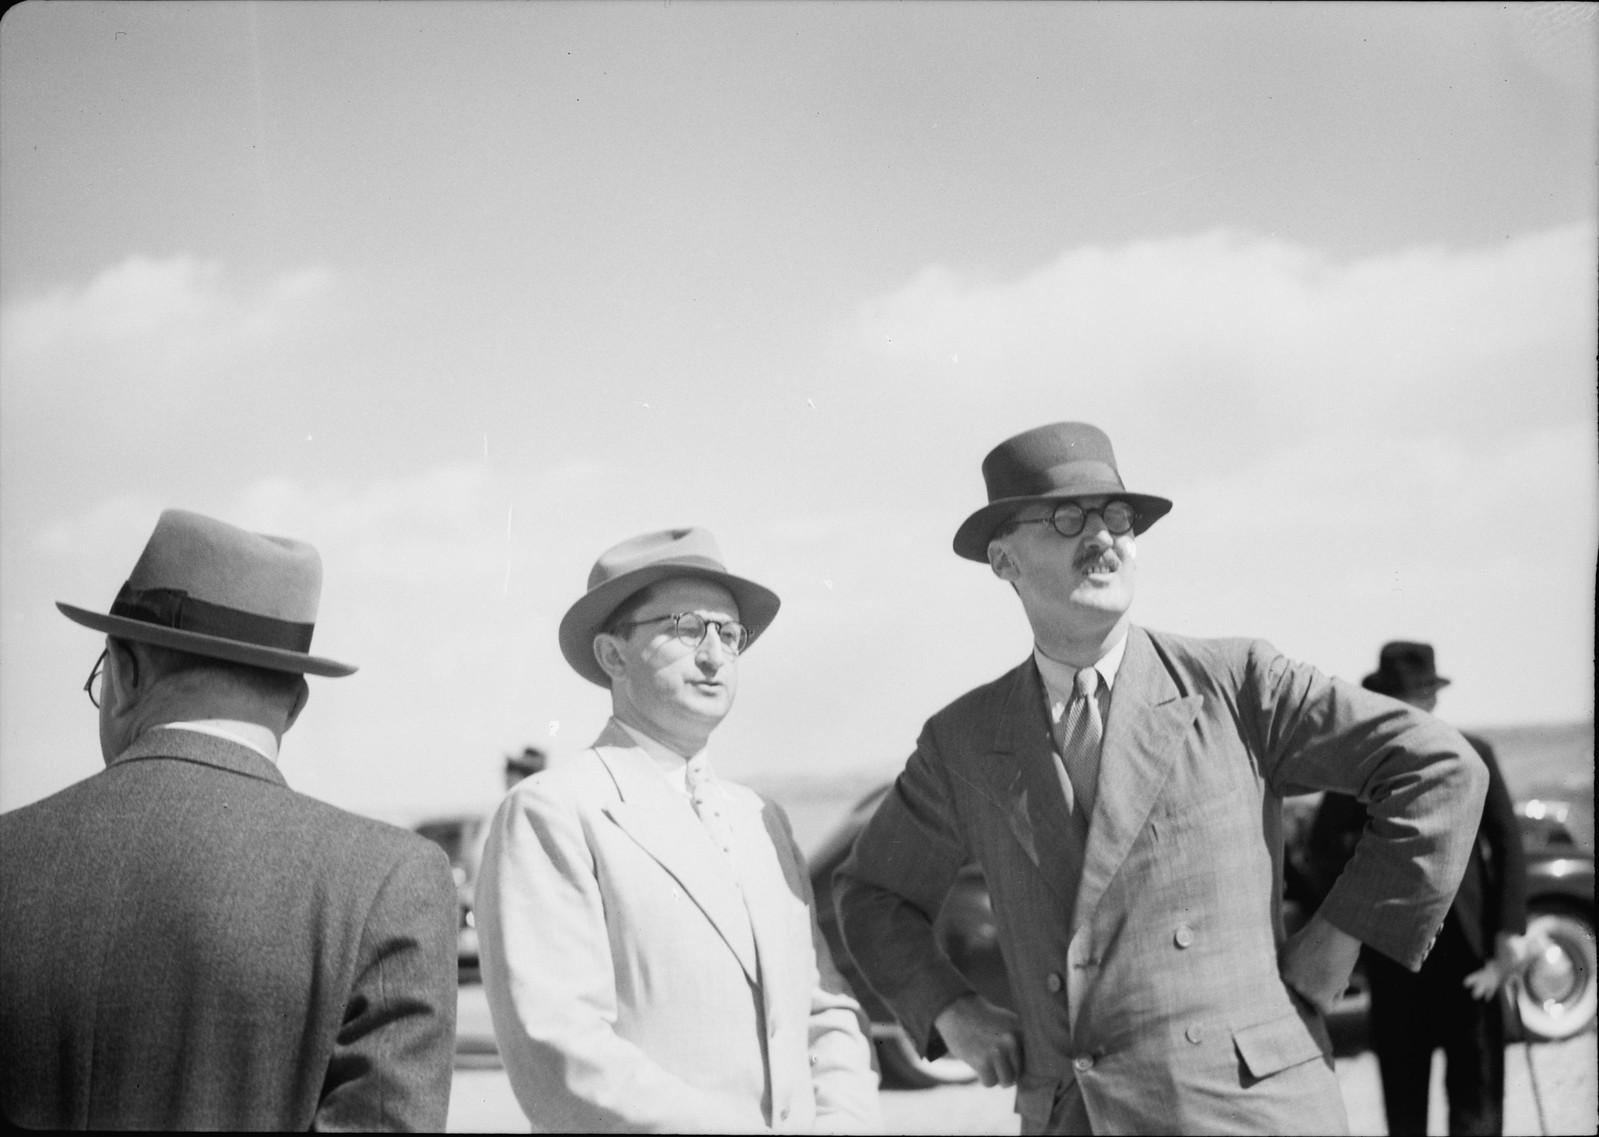 11. Г-н Уильям Денис Баттершил, исполняющий обязанности Верховного комиссара, и г-н Элиаху наблюдают за приближающимся самолетом